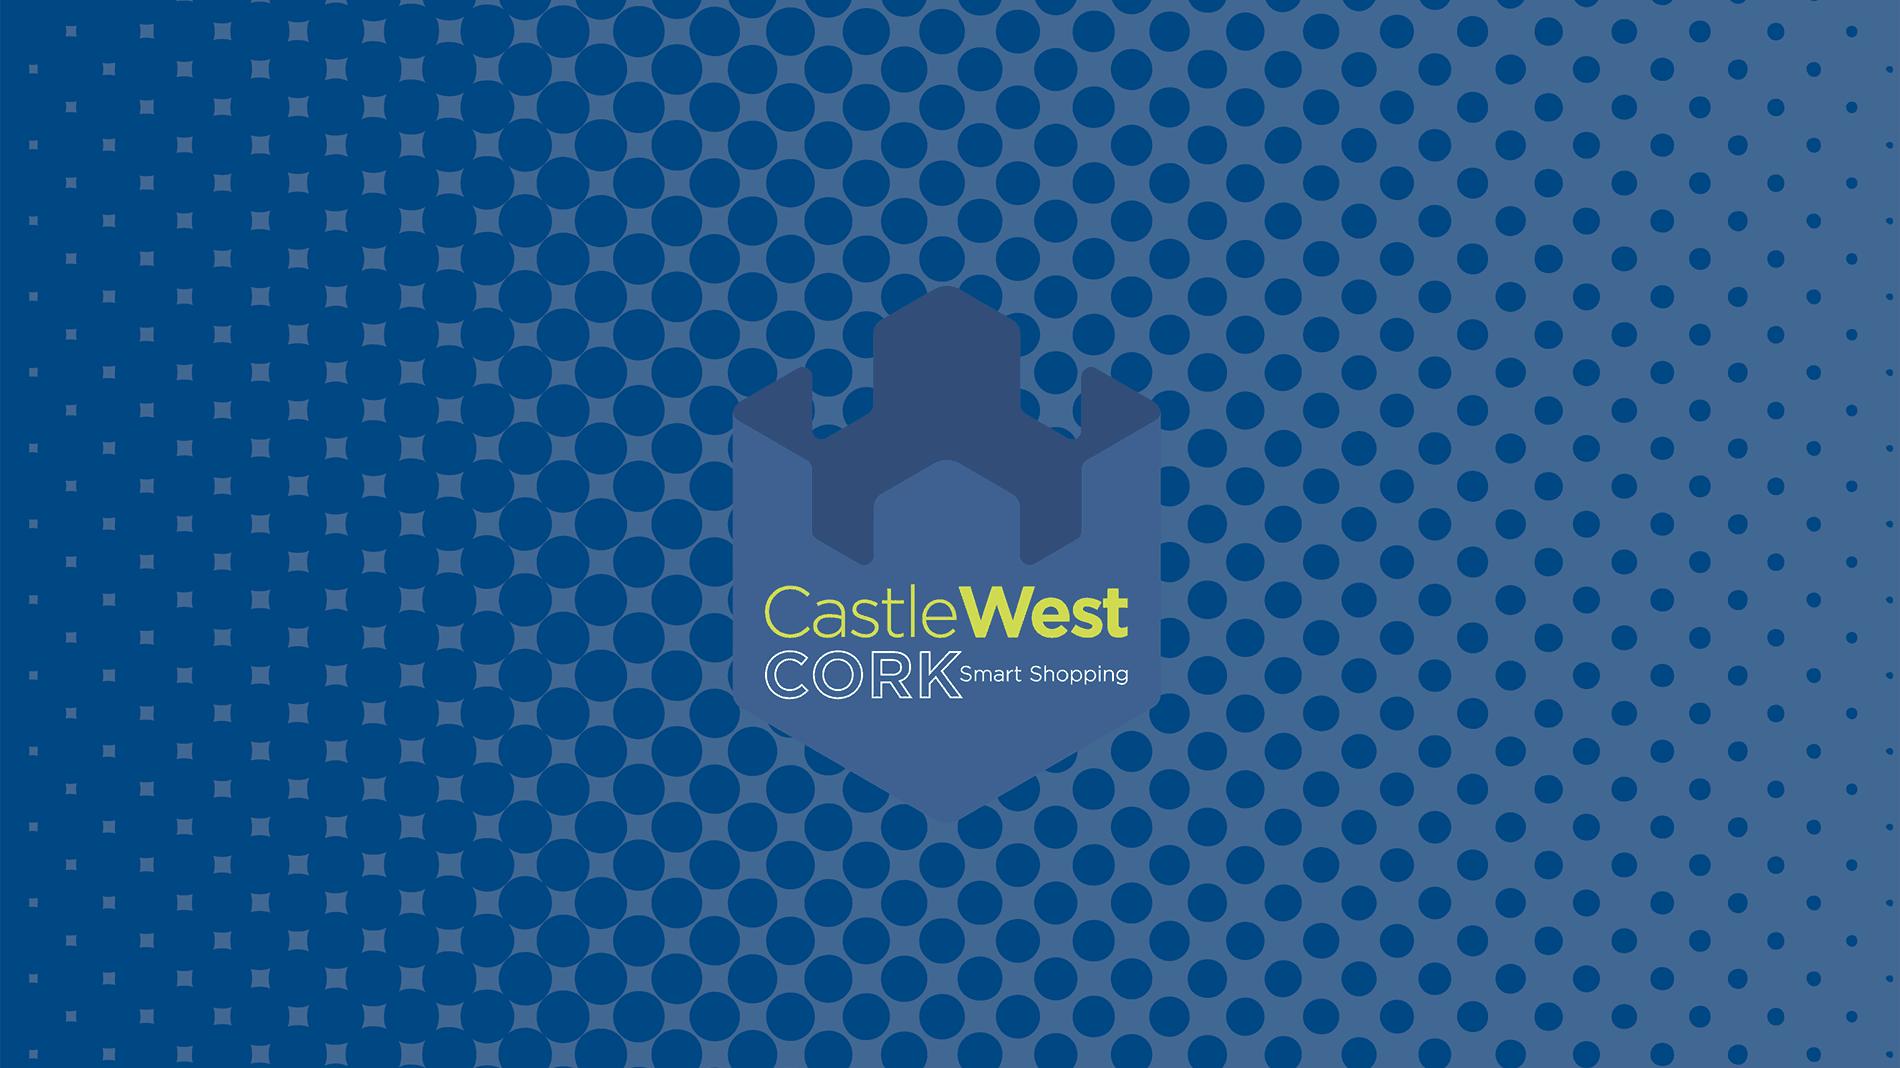 castle west cork shopping centre logo